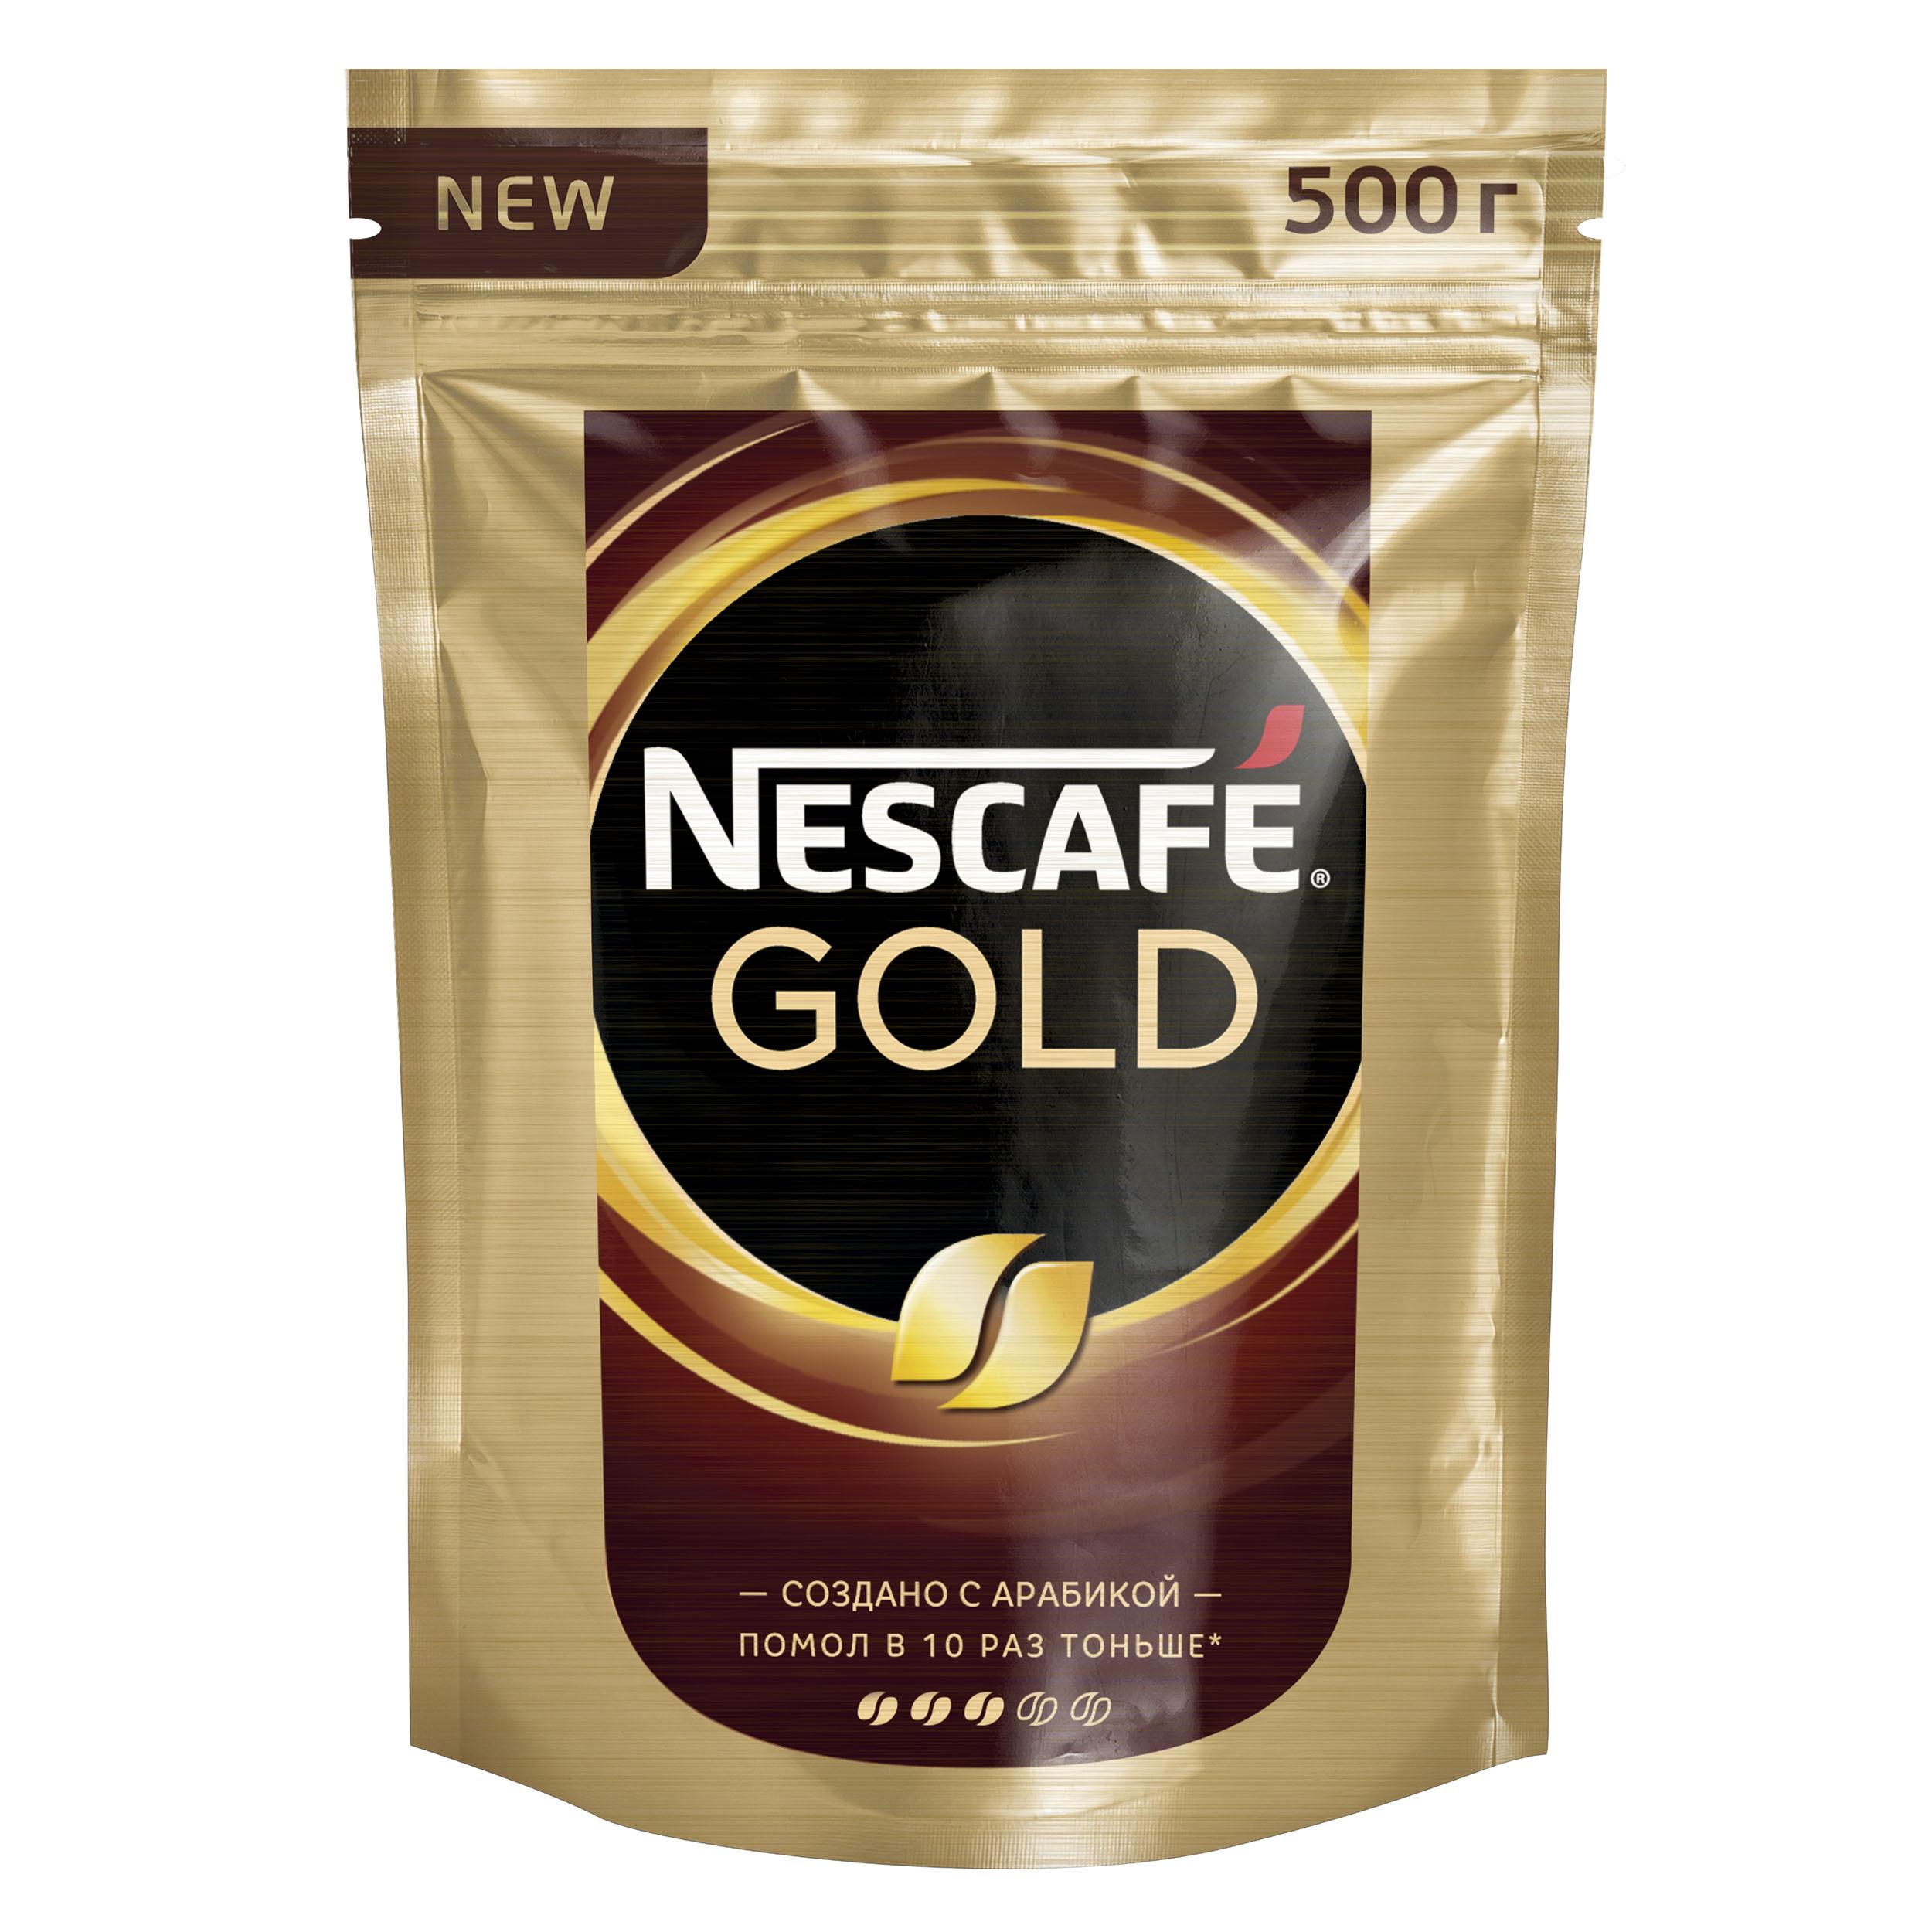 Кофе растворимый Nescafe gold кофе растворимый пакет 500 г фото